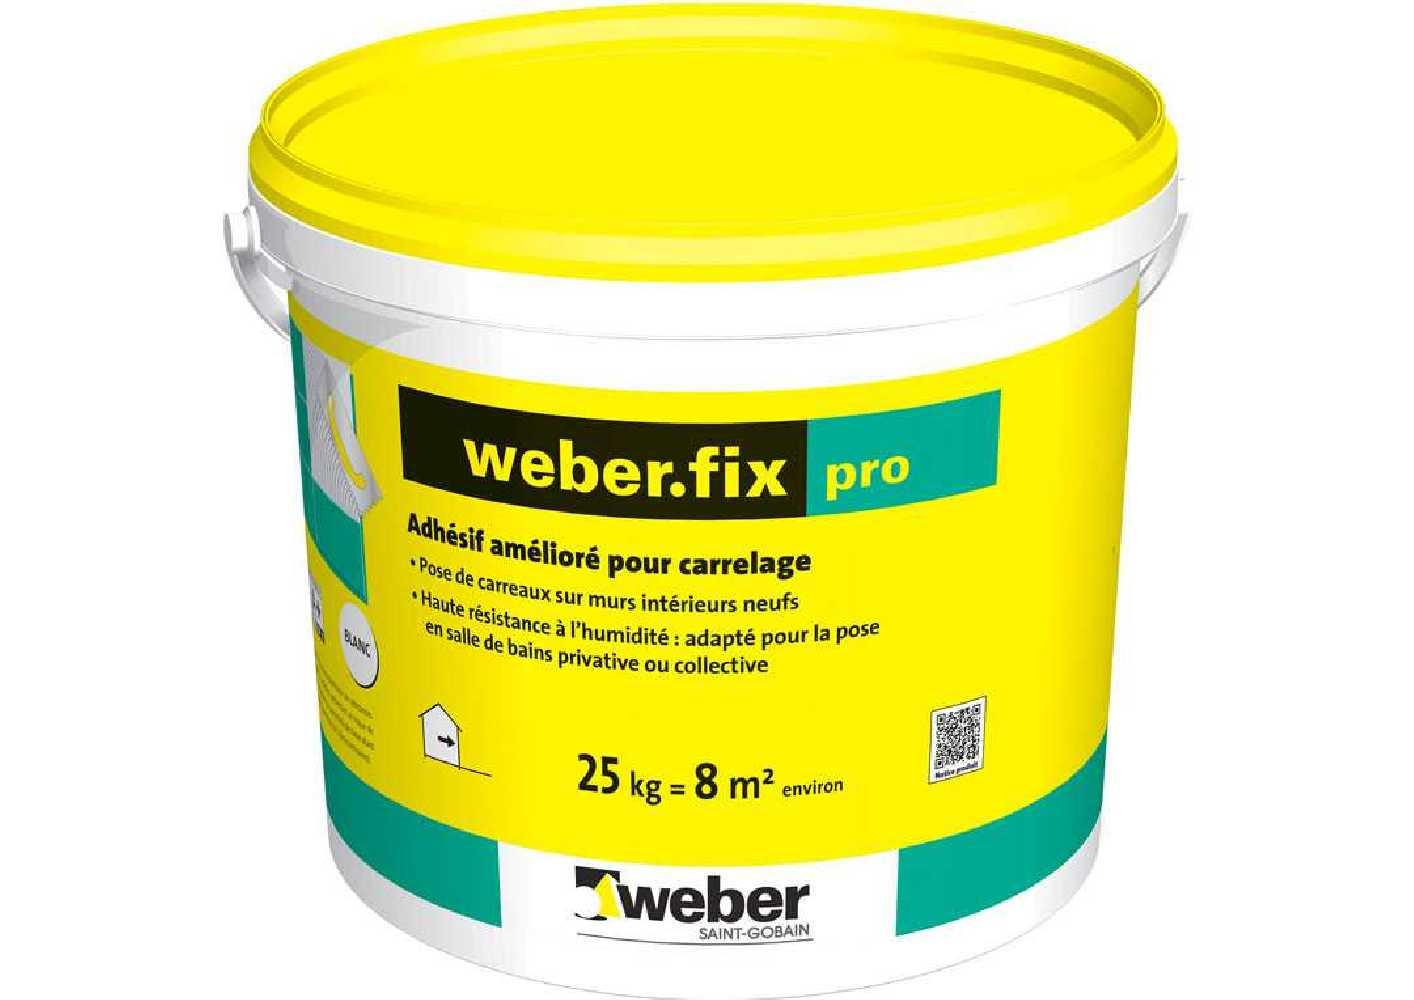 Weber.fix pro - colle en seau de 25 kg